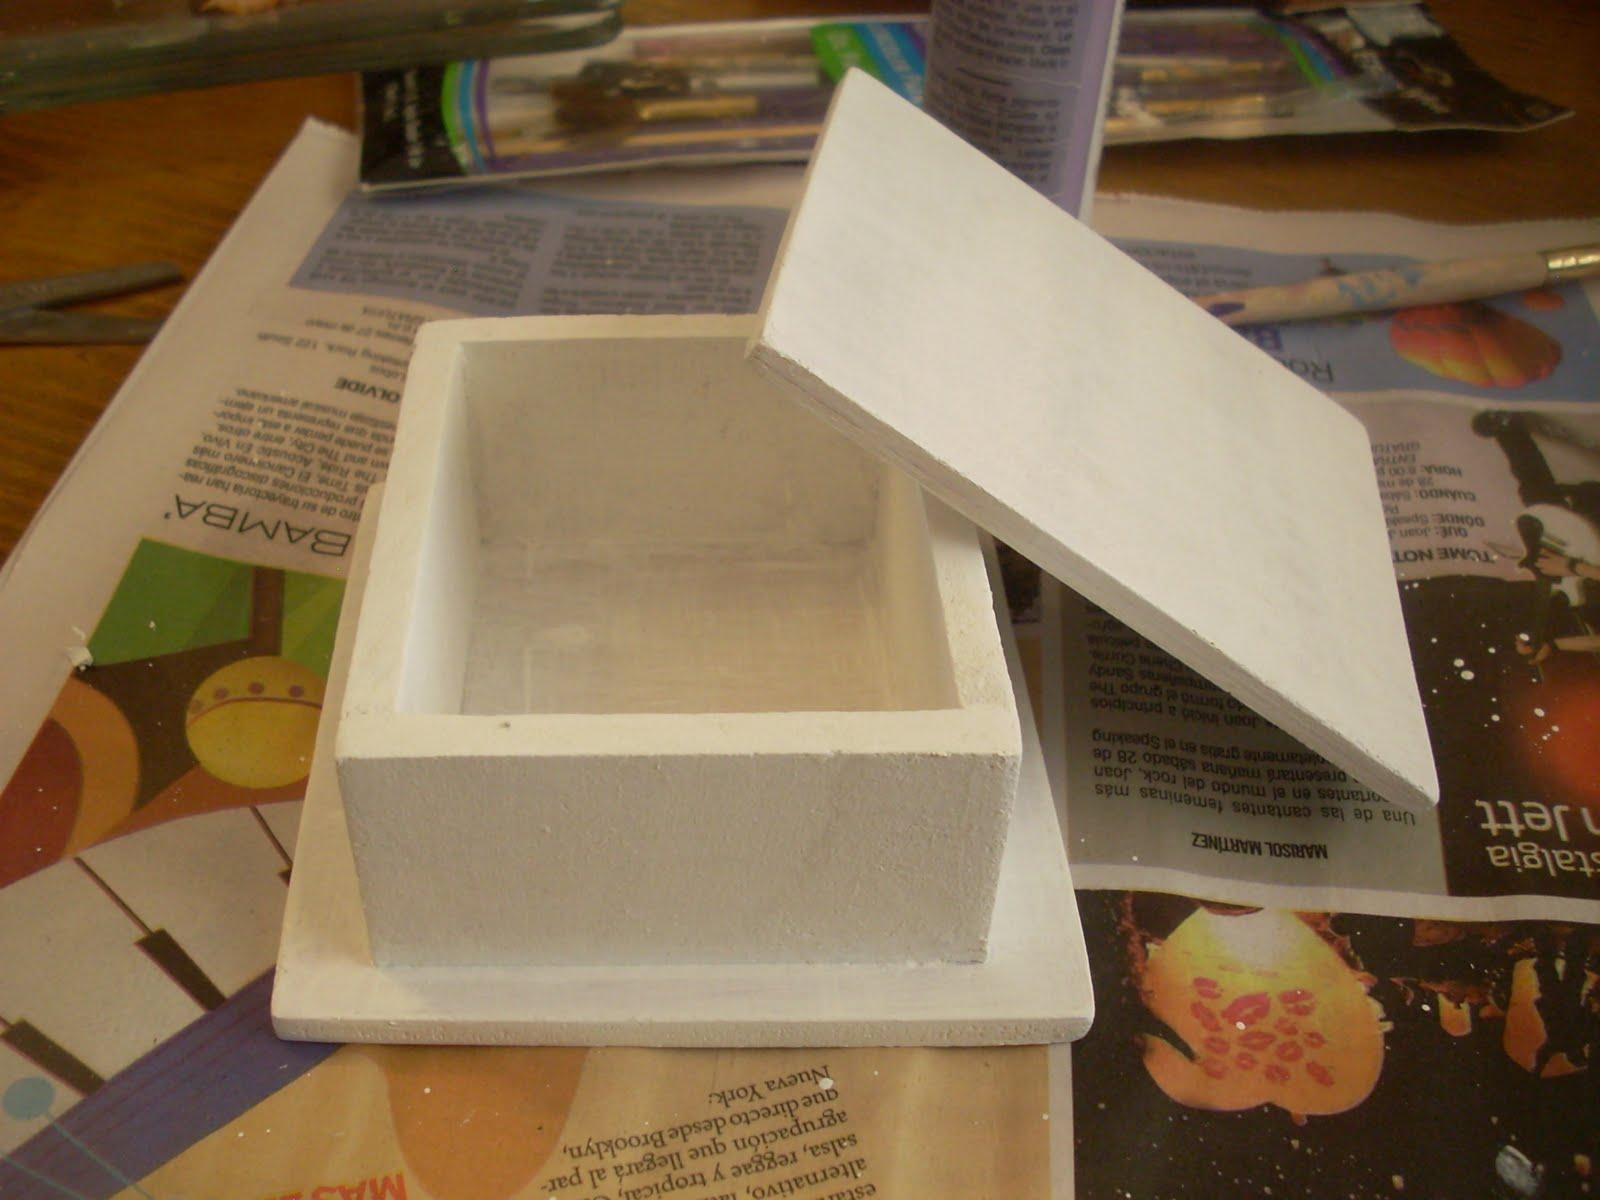 Manualidades de tania caja de madera con virgencita moderna - Manualidades con caja de madera ...